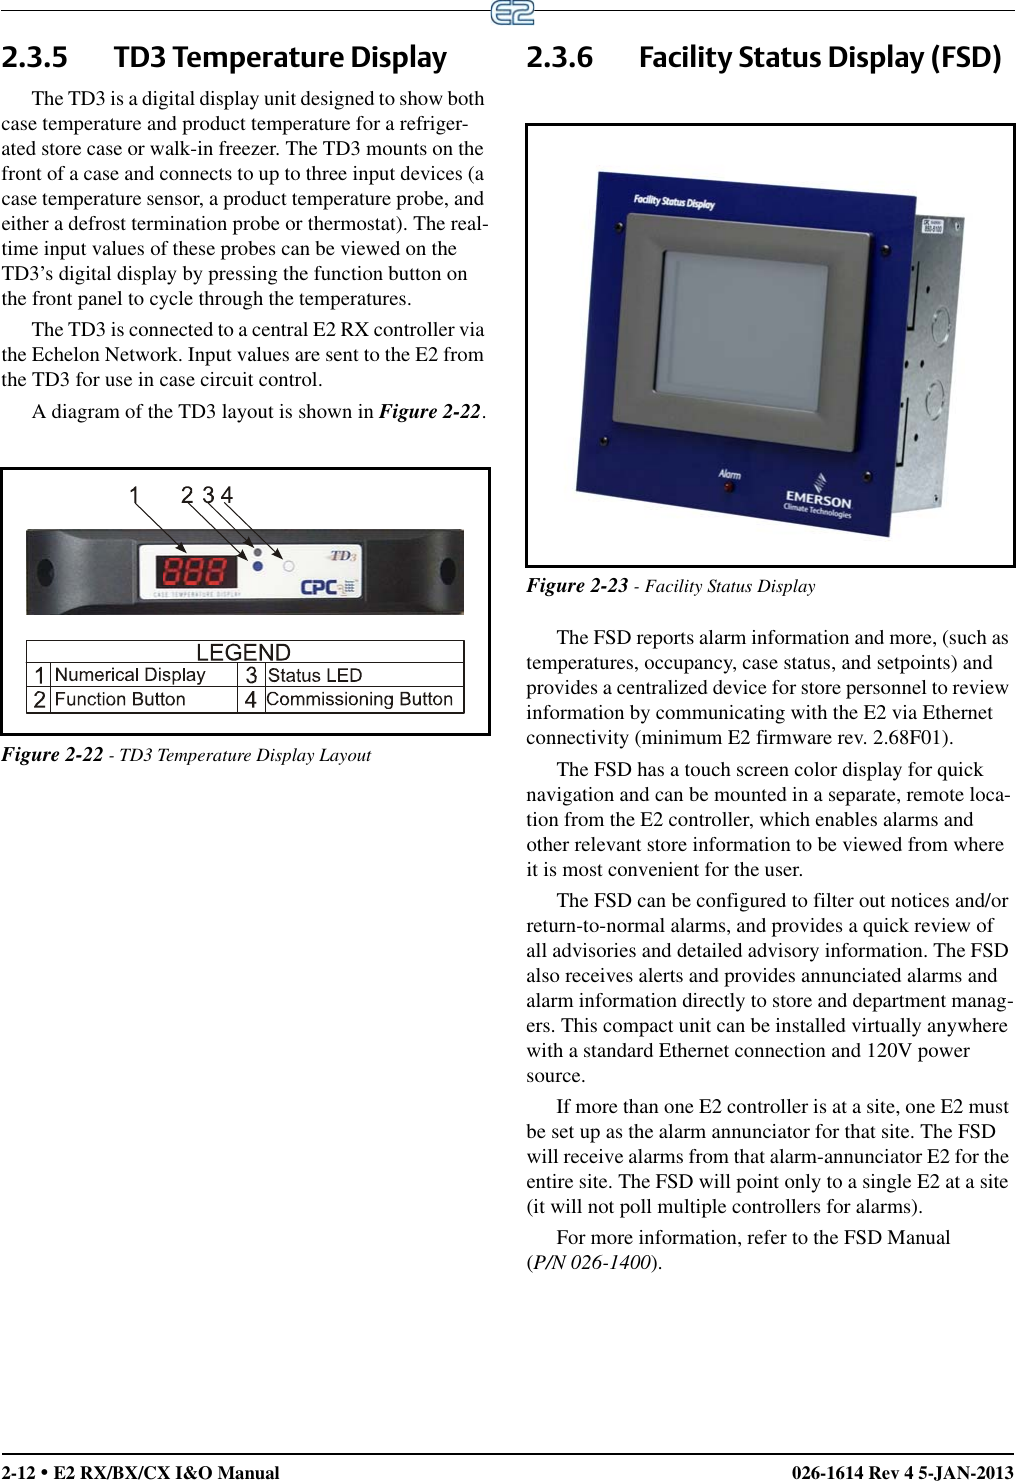 Emerson E2 Users Manual E3